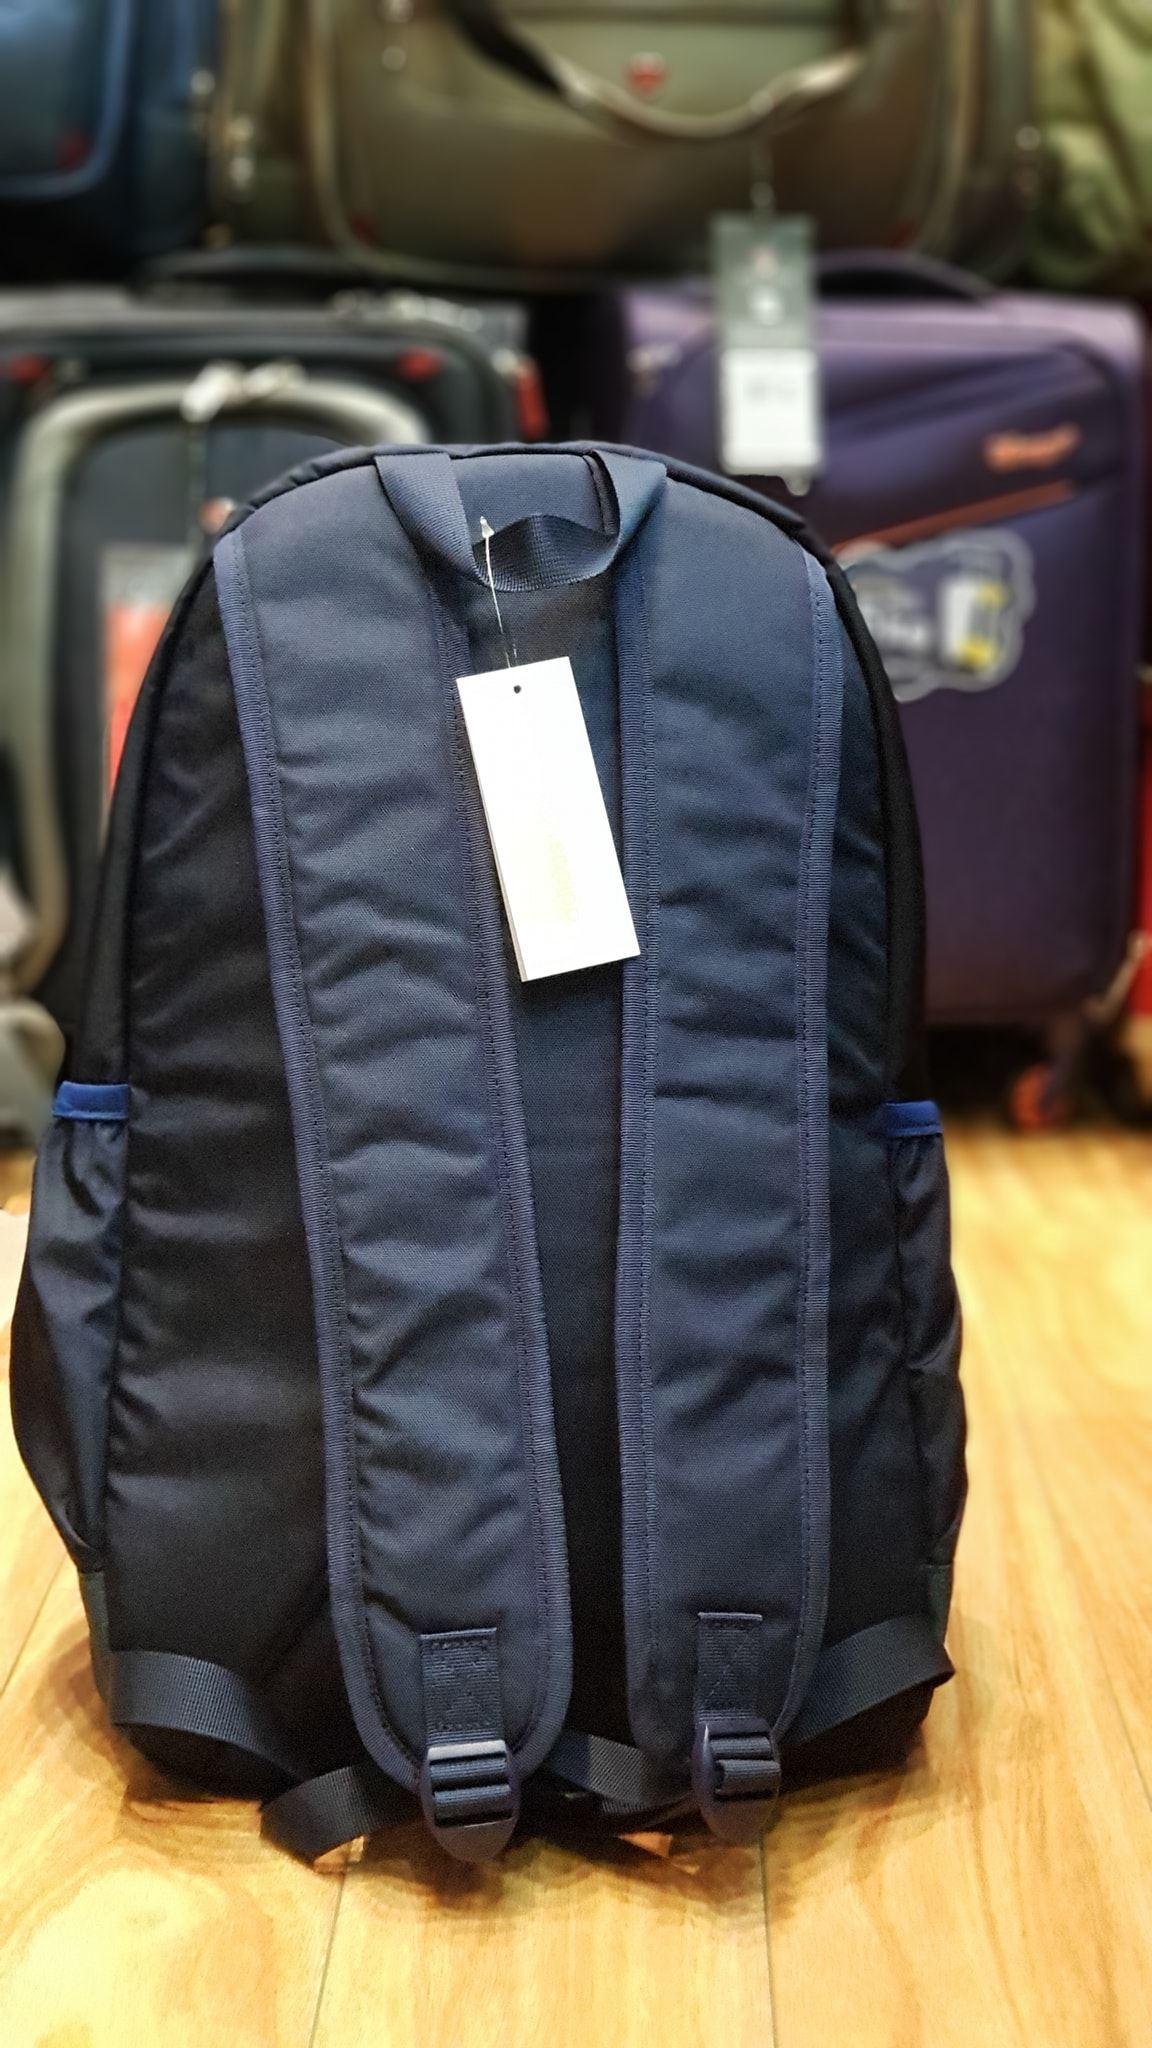 Balo Adidas DAILY XL BACKPACK cho bạn trẻ năng động 4